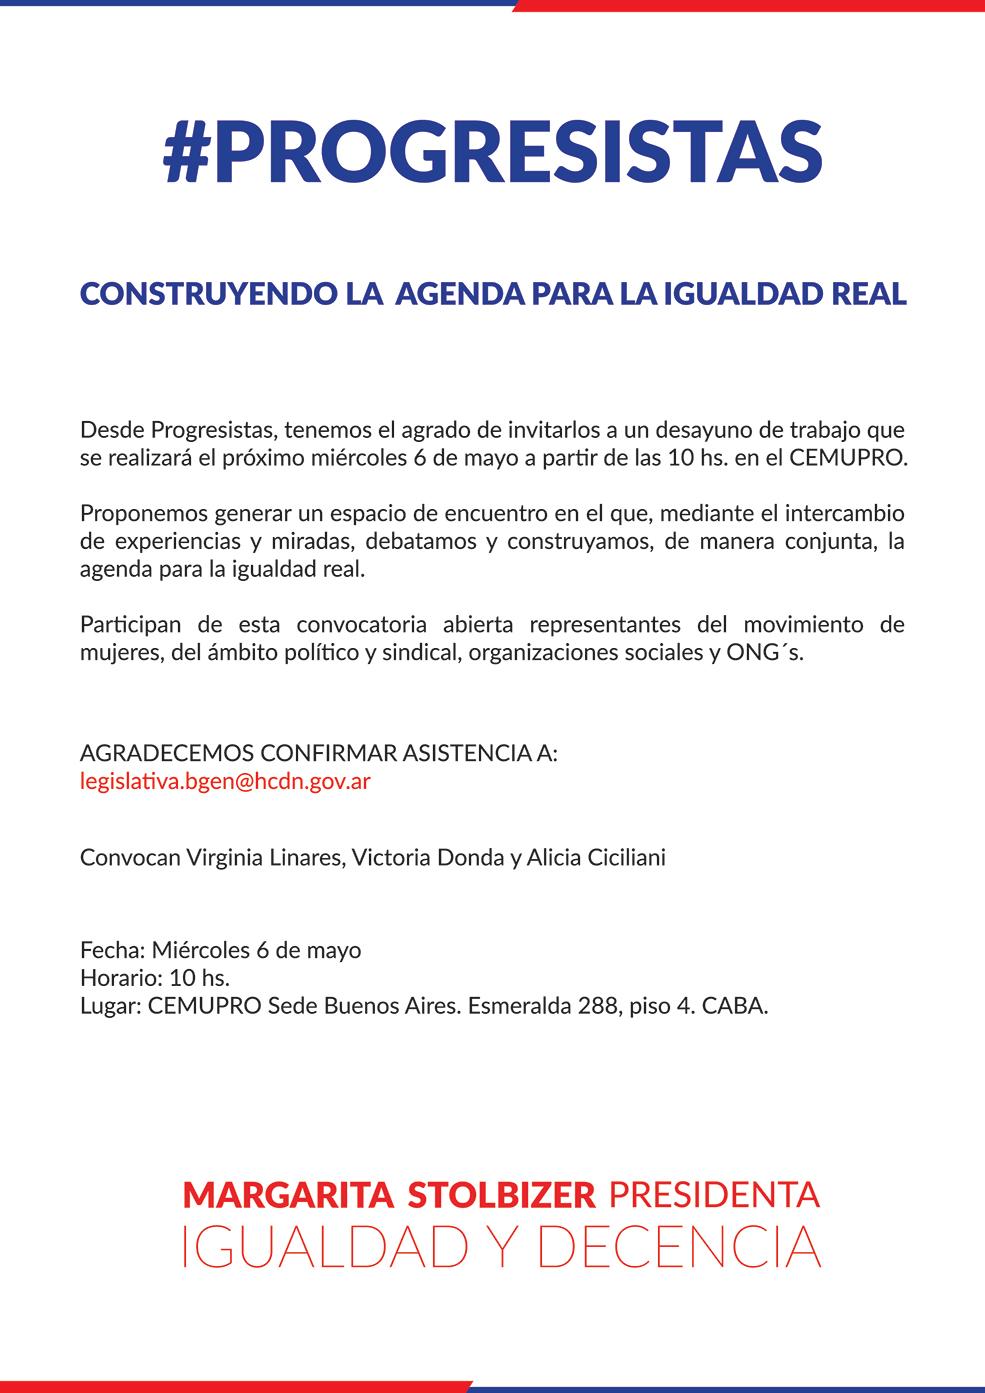 CONSTRUYENDO LA AGENDA PARA LA IGUALDAD REAL